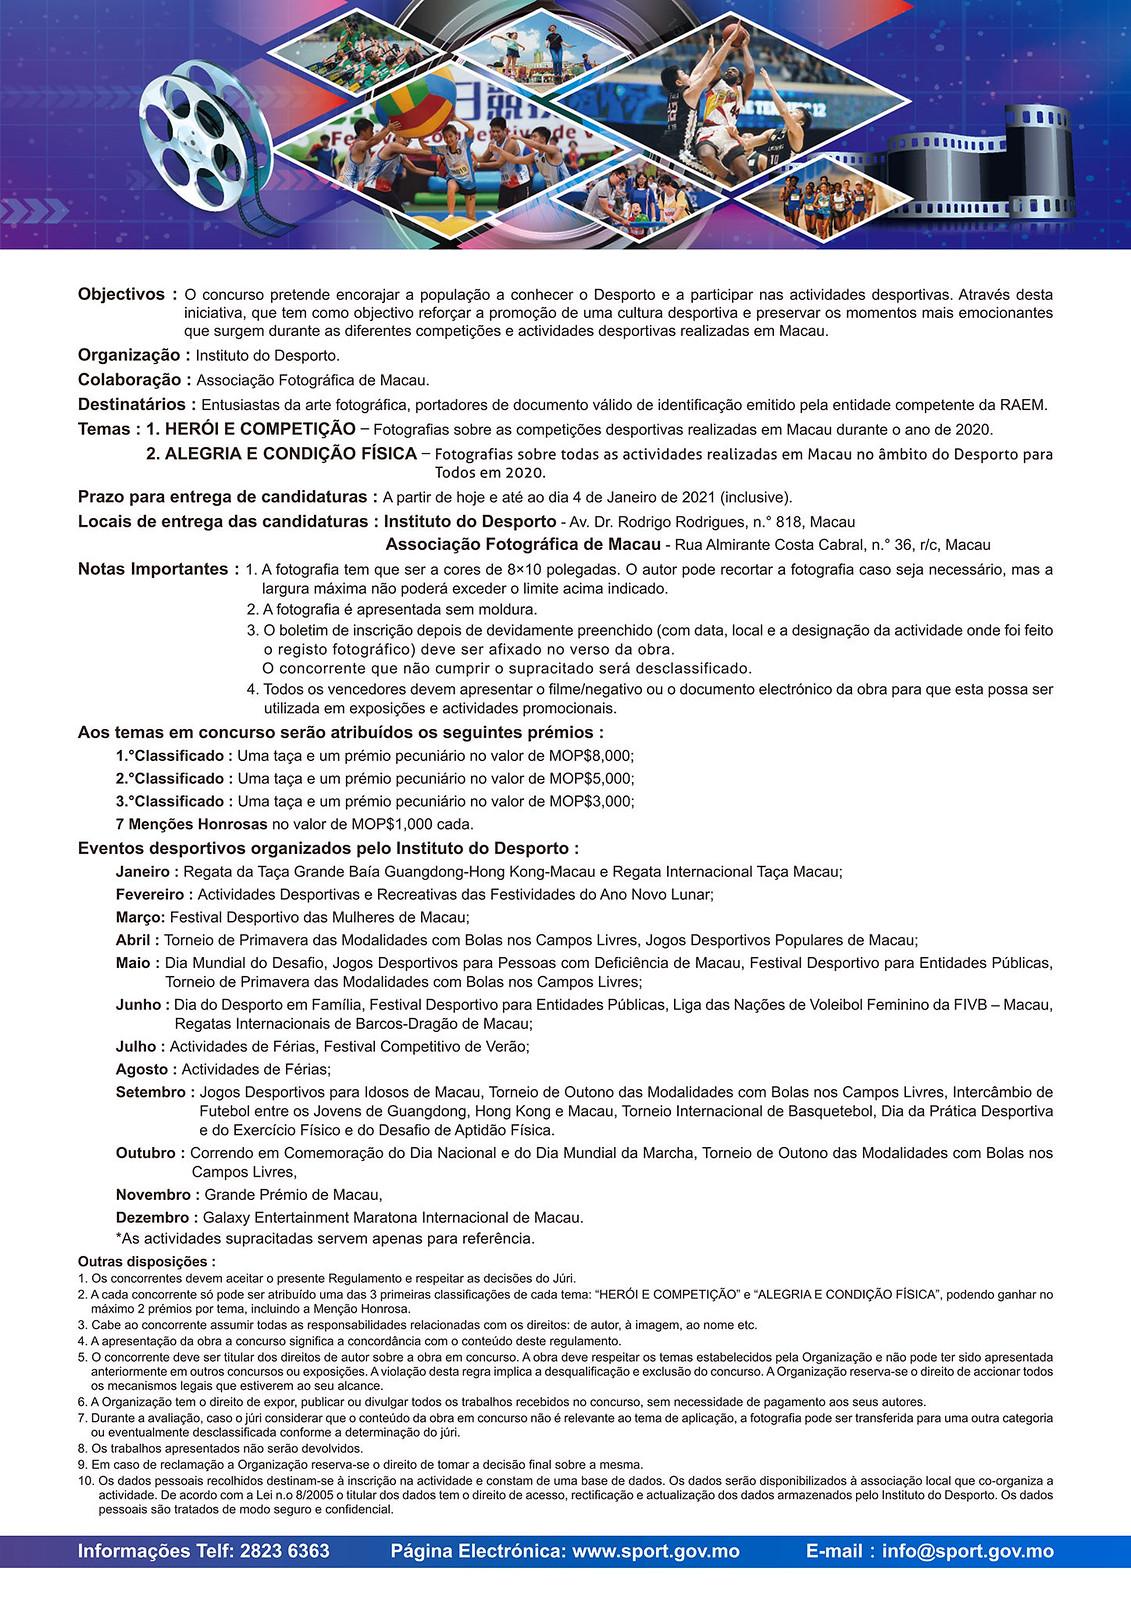 2020澳門體育活動專題攝影比賽-(章程及報名表)